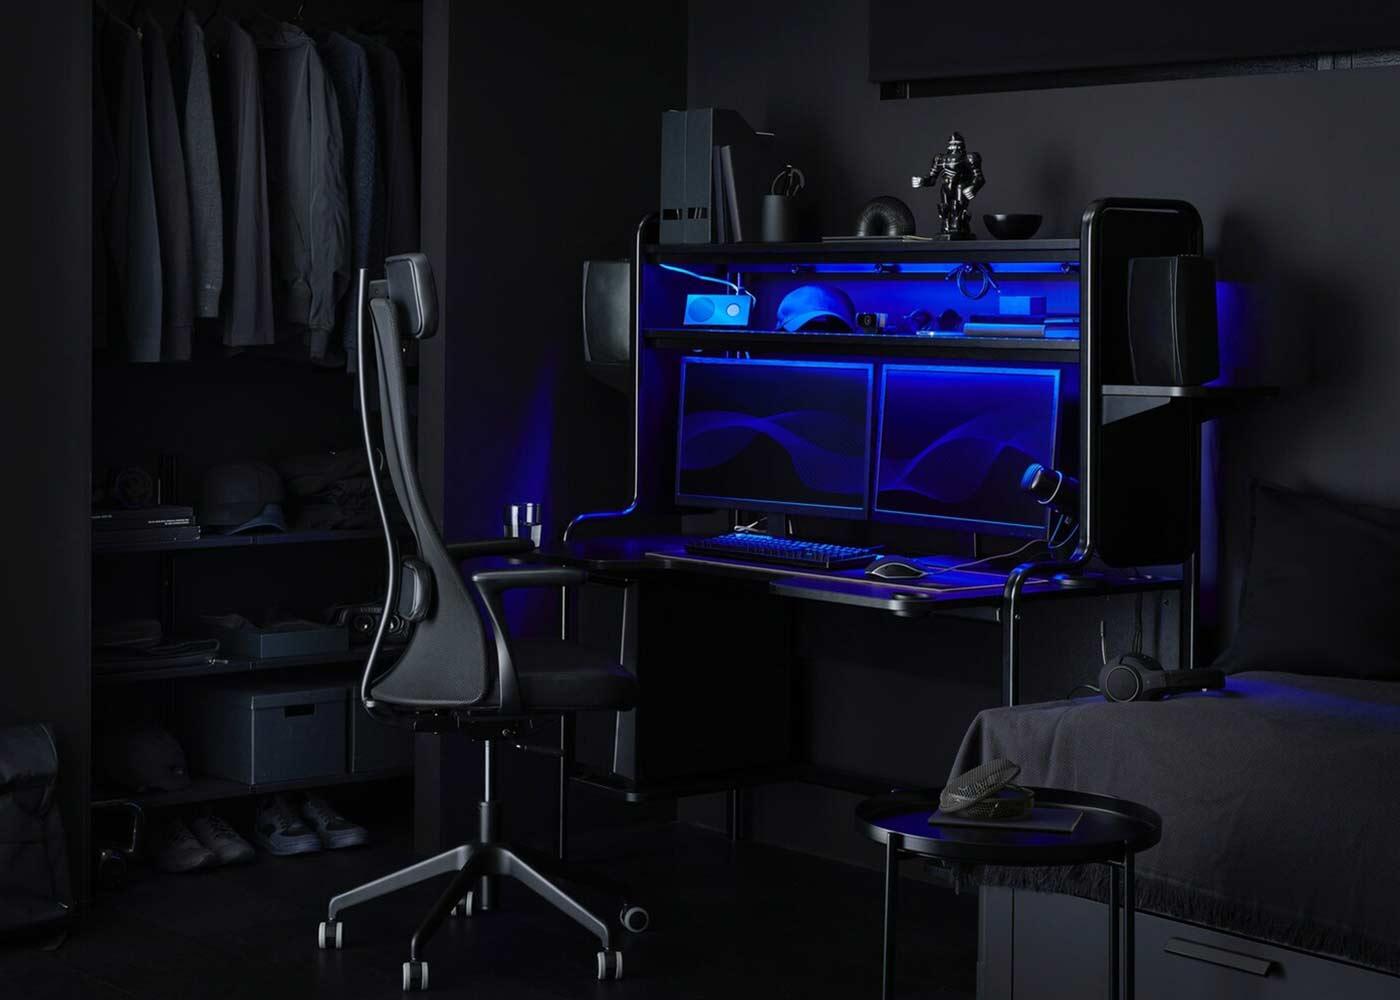 Gaming Schreibtisch und Drehstuhl in einem abgedunkelten Raum